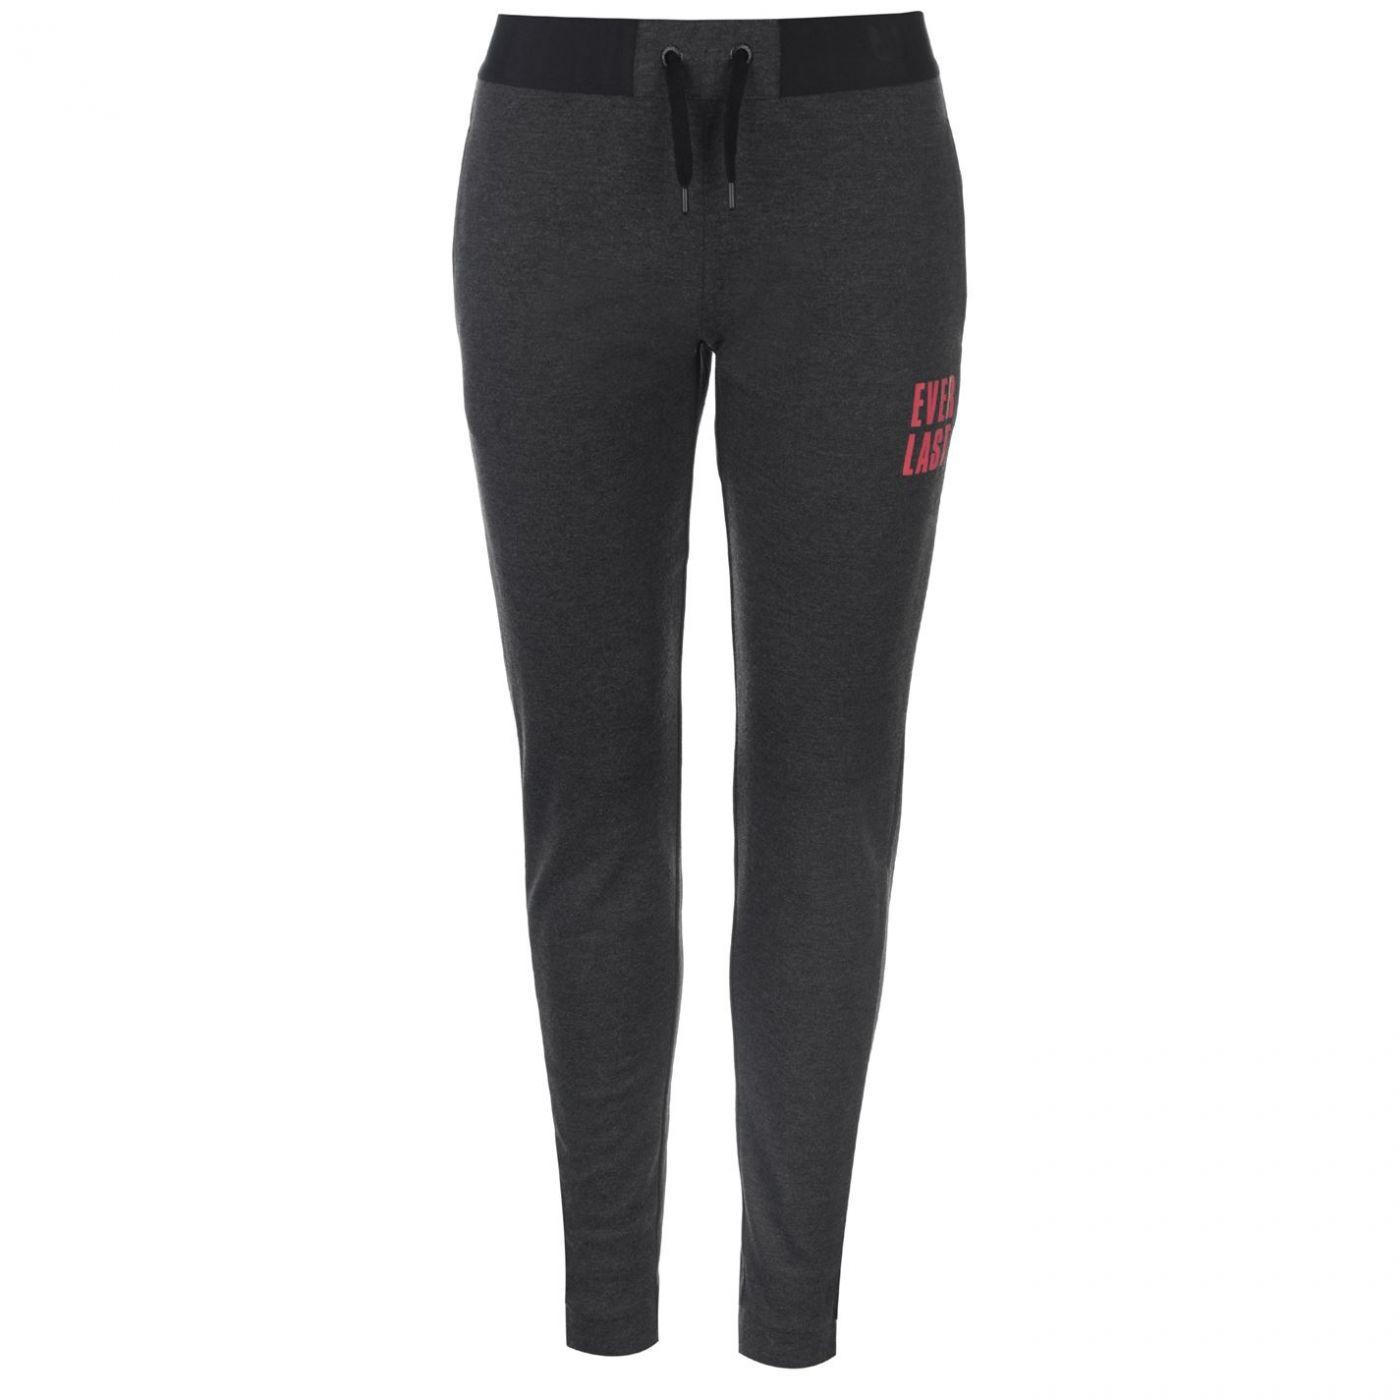 Everlast Closed Hem Interlocked Jogging Pants Ladies